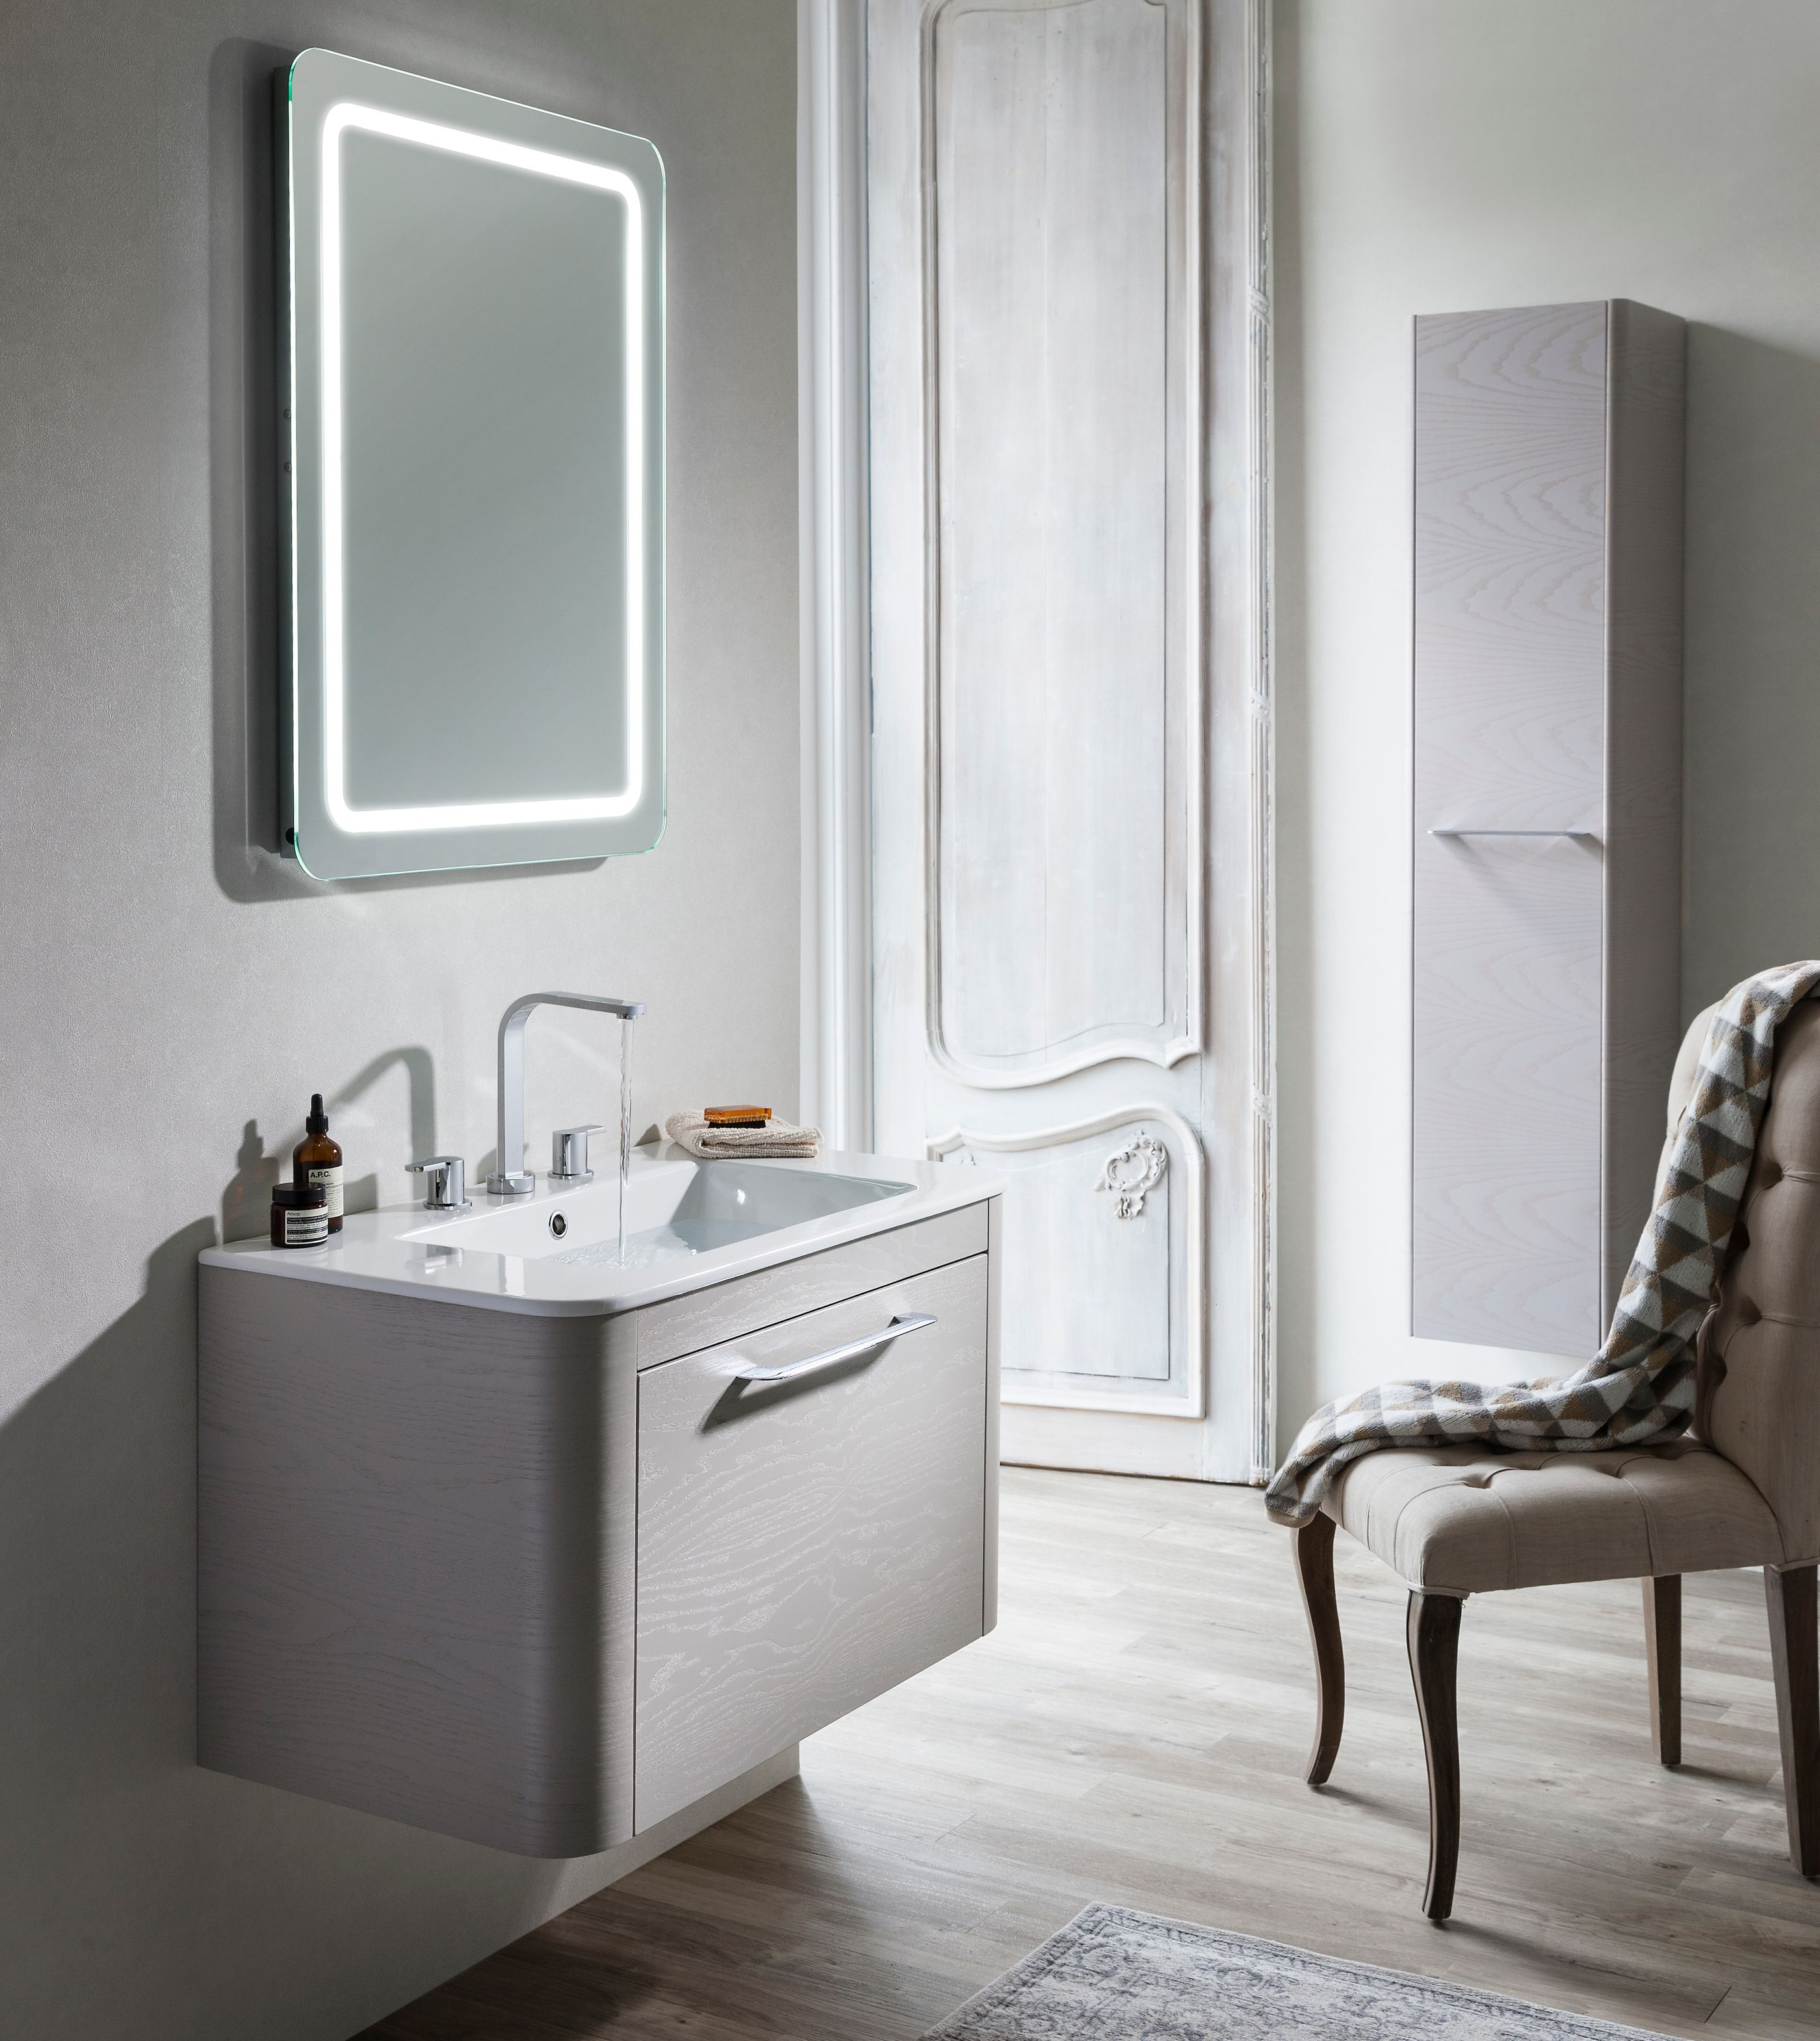 Bauhaus Badmöbel  Bauhaus möbel, Badezimmer möbel, Badezimmerideen